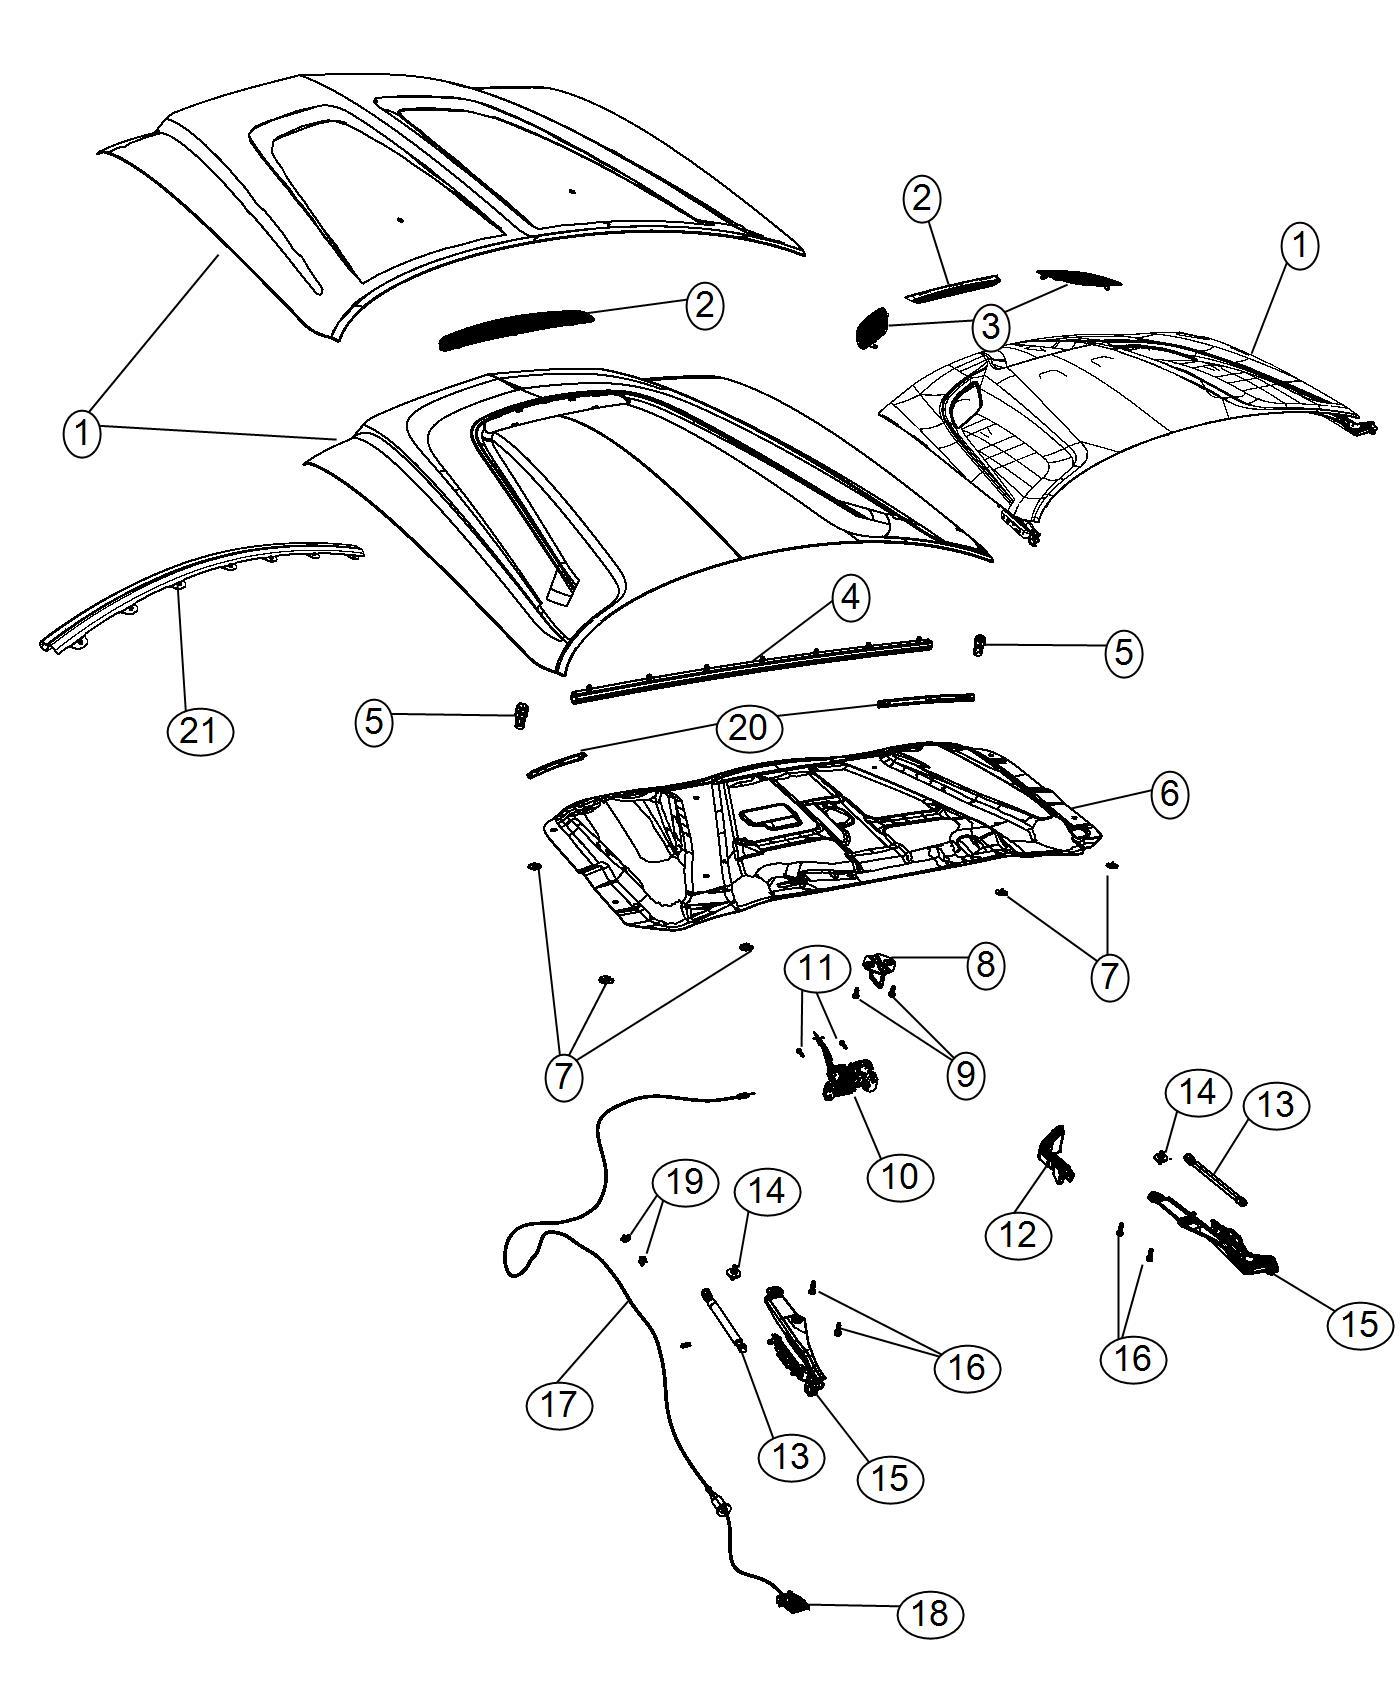 2012 dodge charger latch  hood  export  alarmremote  equipmentdeluxe  safetyteceuropean